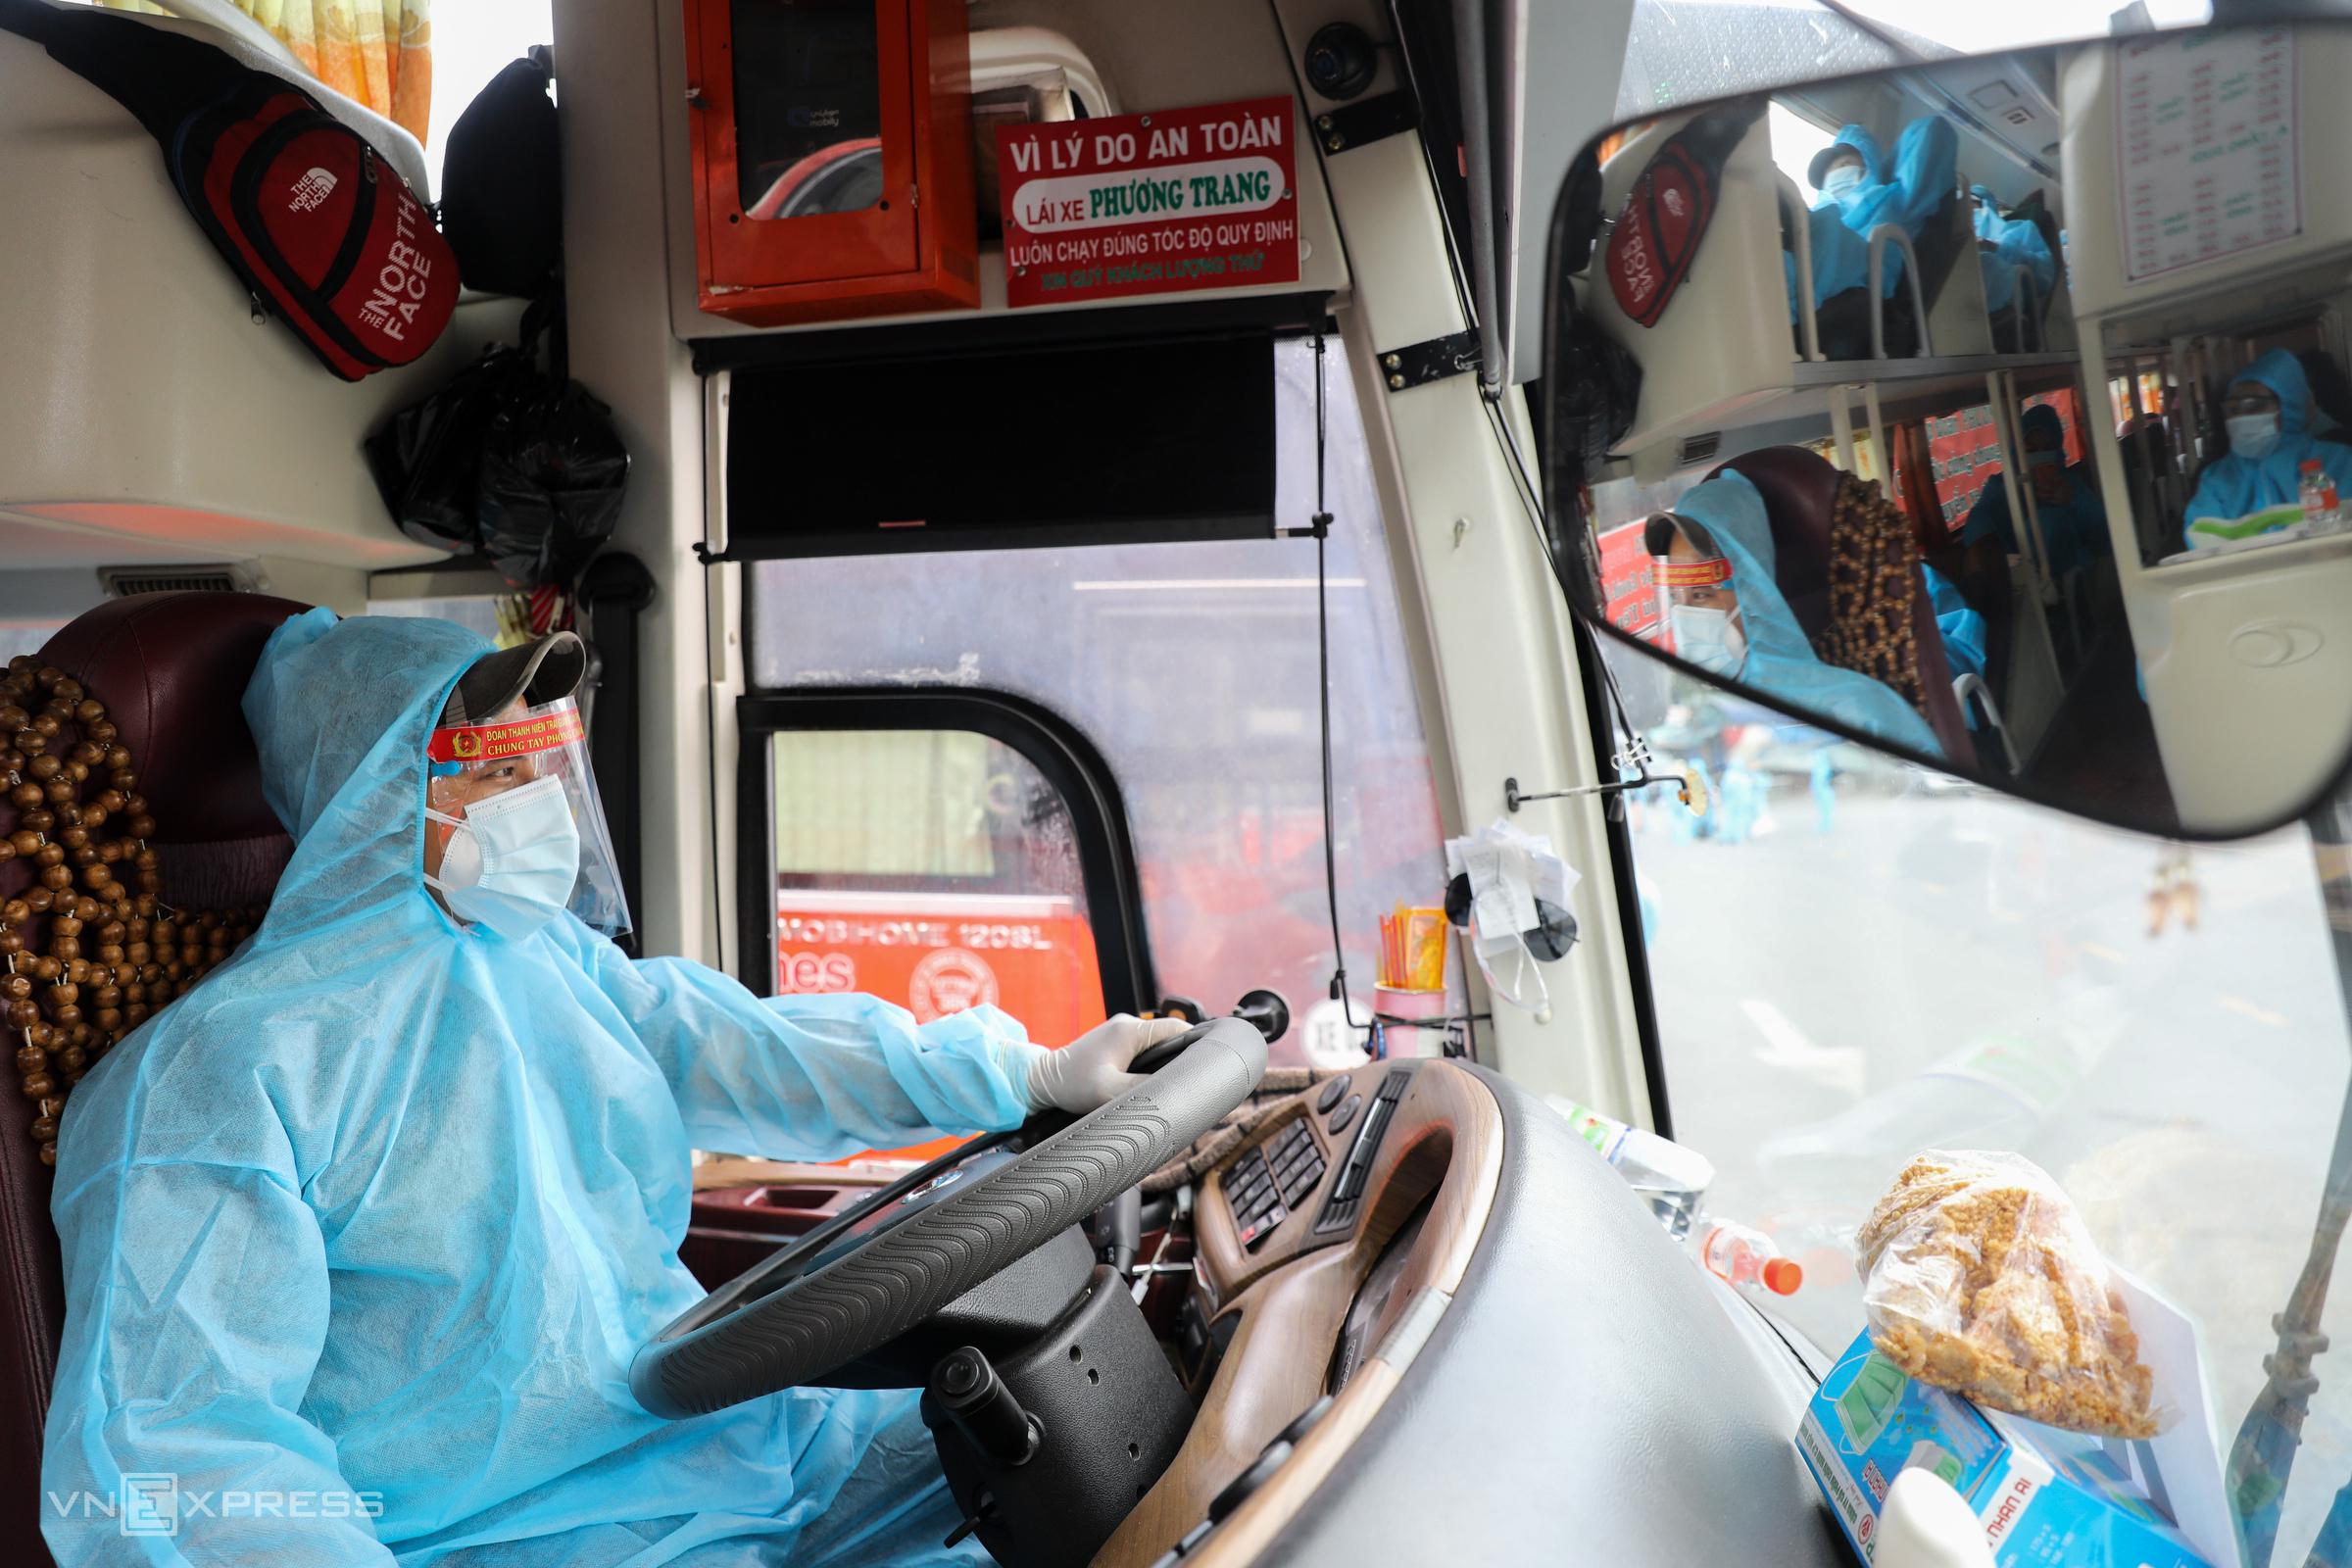 Tài xế mặc đồ bảo hộ chở người dân Phú Yên về quê miễn phí, hôm 3/8. Ảnh: Quỳnh Trần